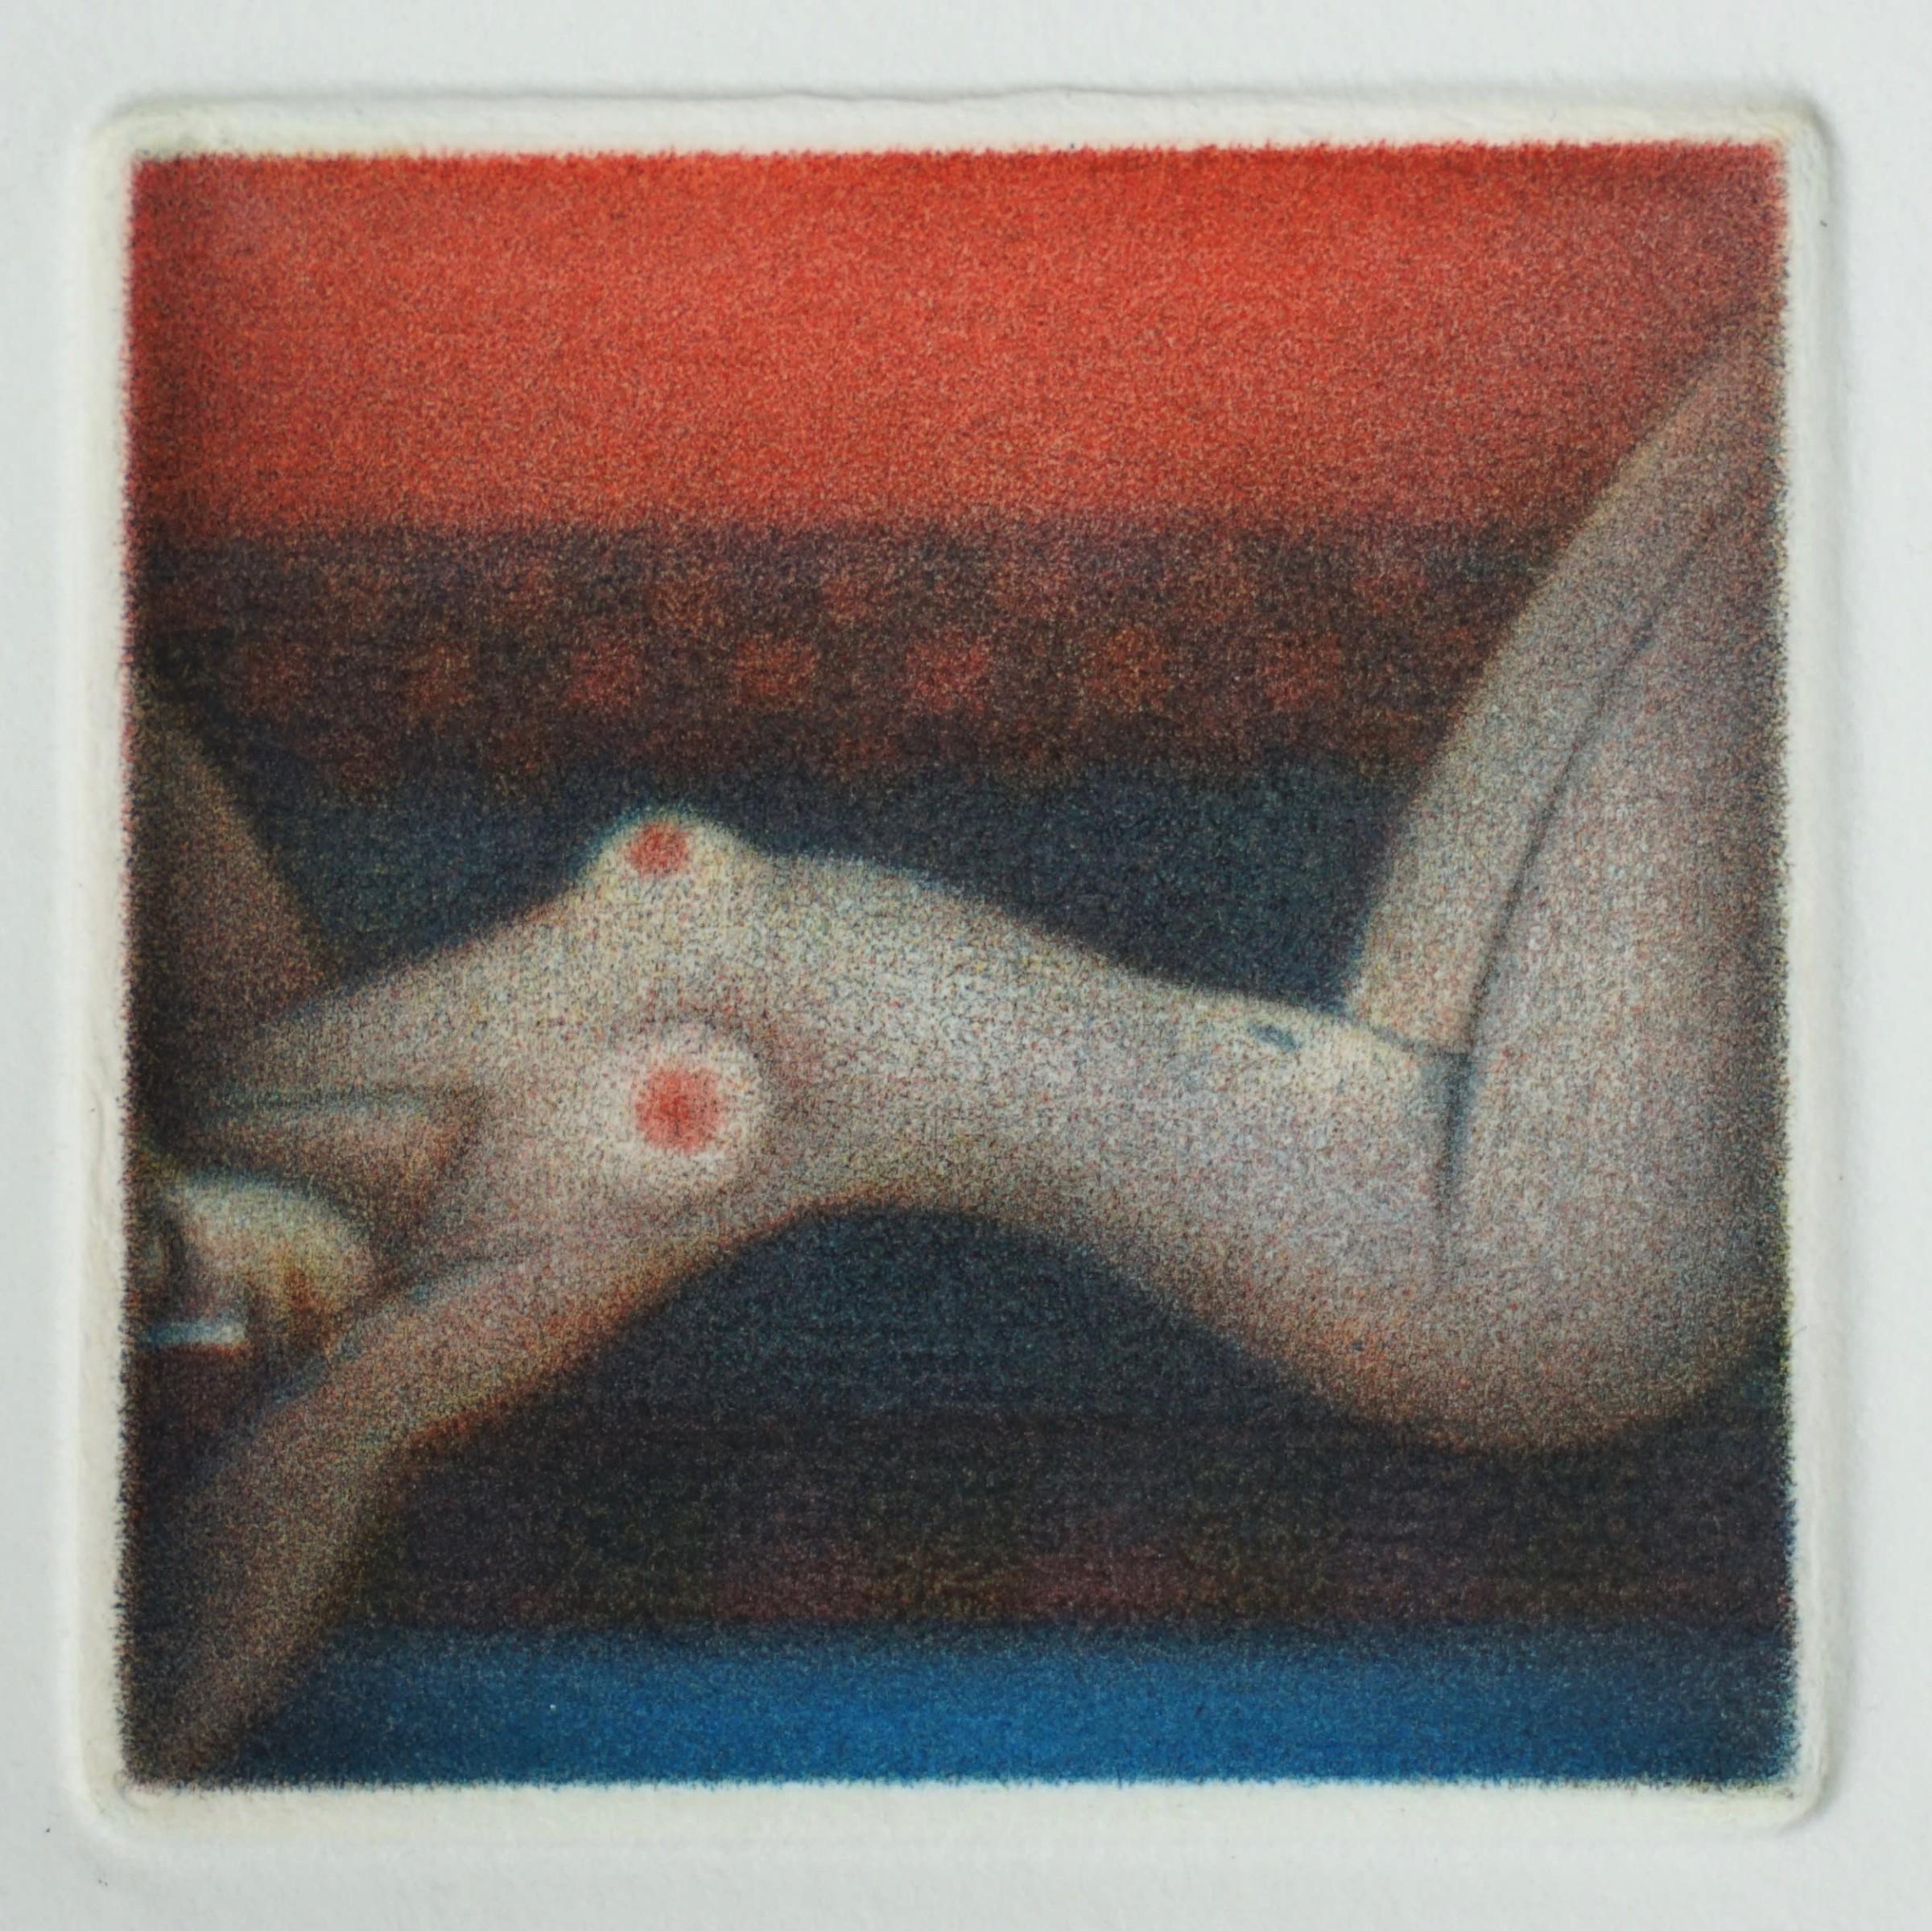 """<span class=""""link fancybox-details-link""""><a href=""""/exhibitions/23/works/artworks_standalone11238/"""">View Detail Page</a></span><div class=""""artist""""><span class=""""artist""""><strong>Roger Harris RE</strong></span></div><div class=""""title""""><em>Etude IV</em></div><div class=""""medium"""">mezzotint</div><div class=""""dimensions"""">20.5 x 20cm paper size<br>5.8 x 5.8cm image size</div><div class=""""edition_details"""">edition of 100</div>"""